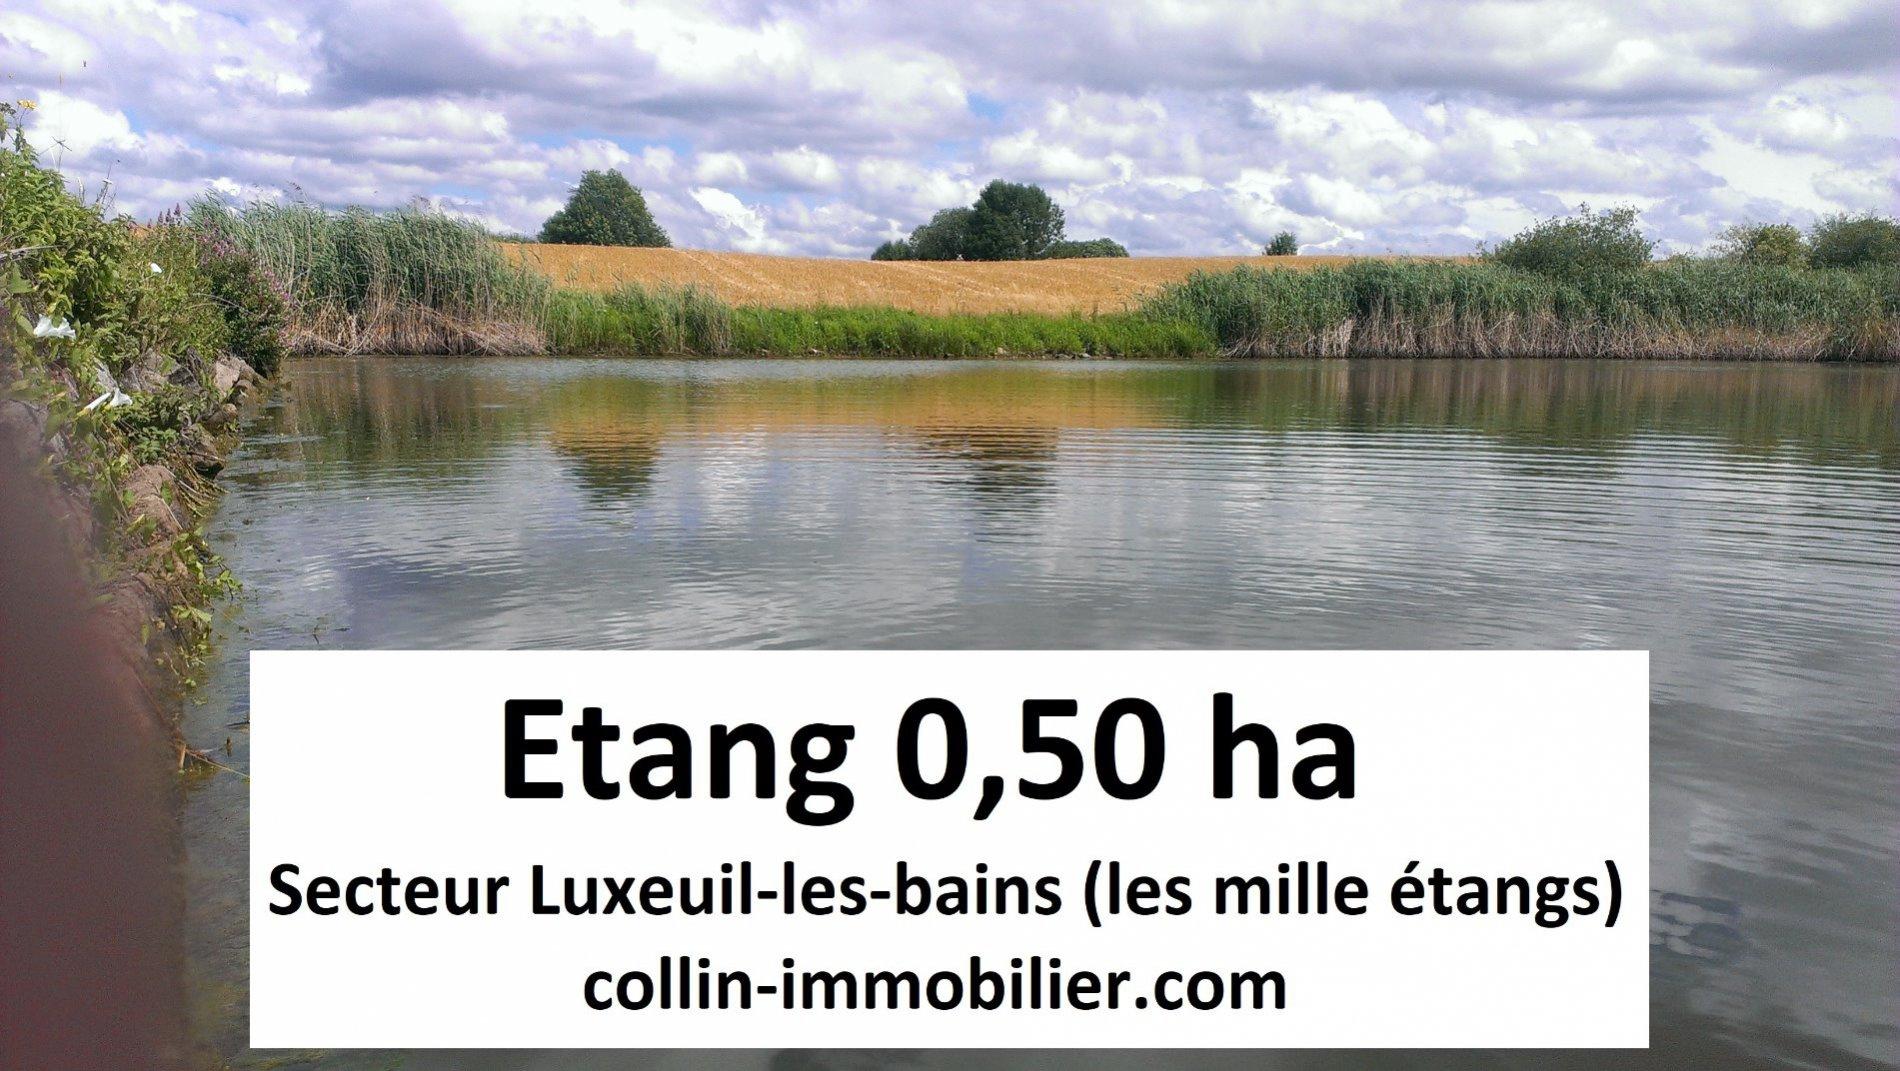 Vente Etangs luxeuil les bains